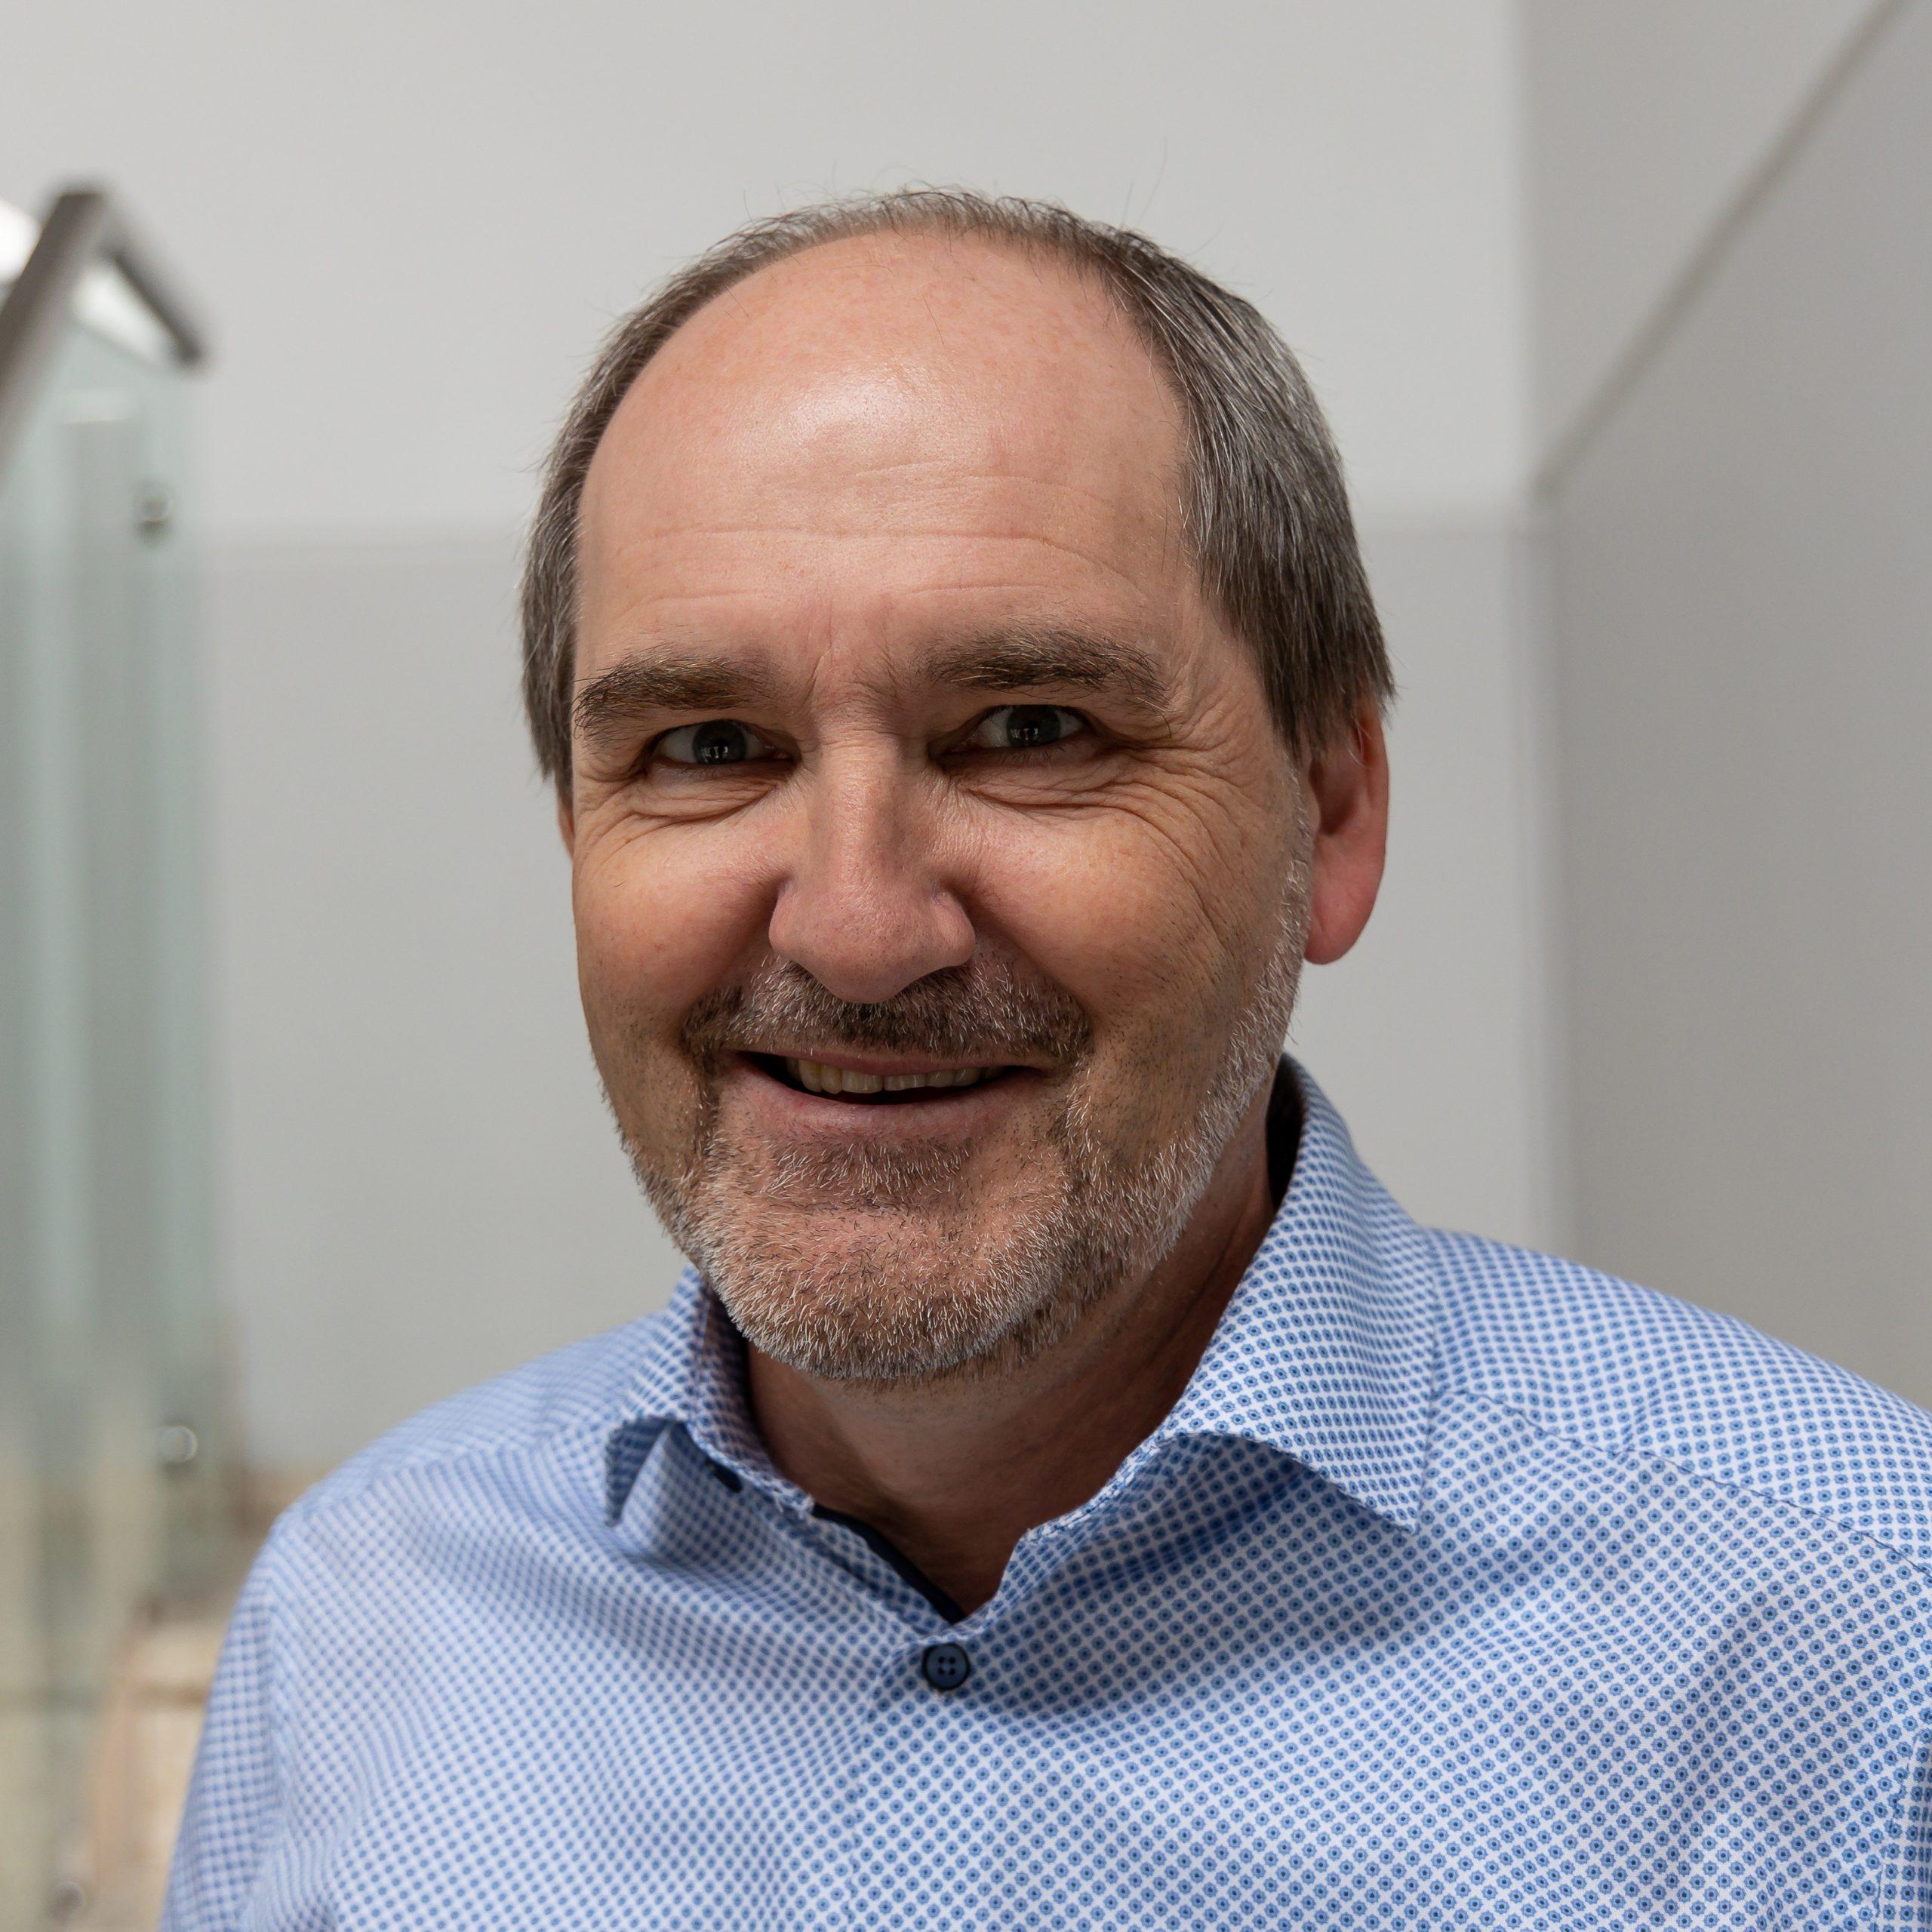 Dirk Nowak